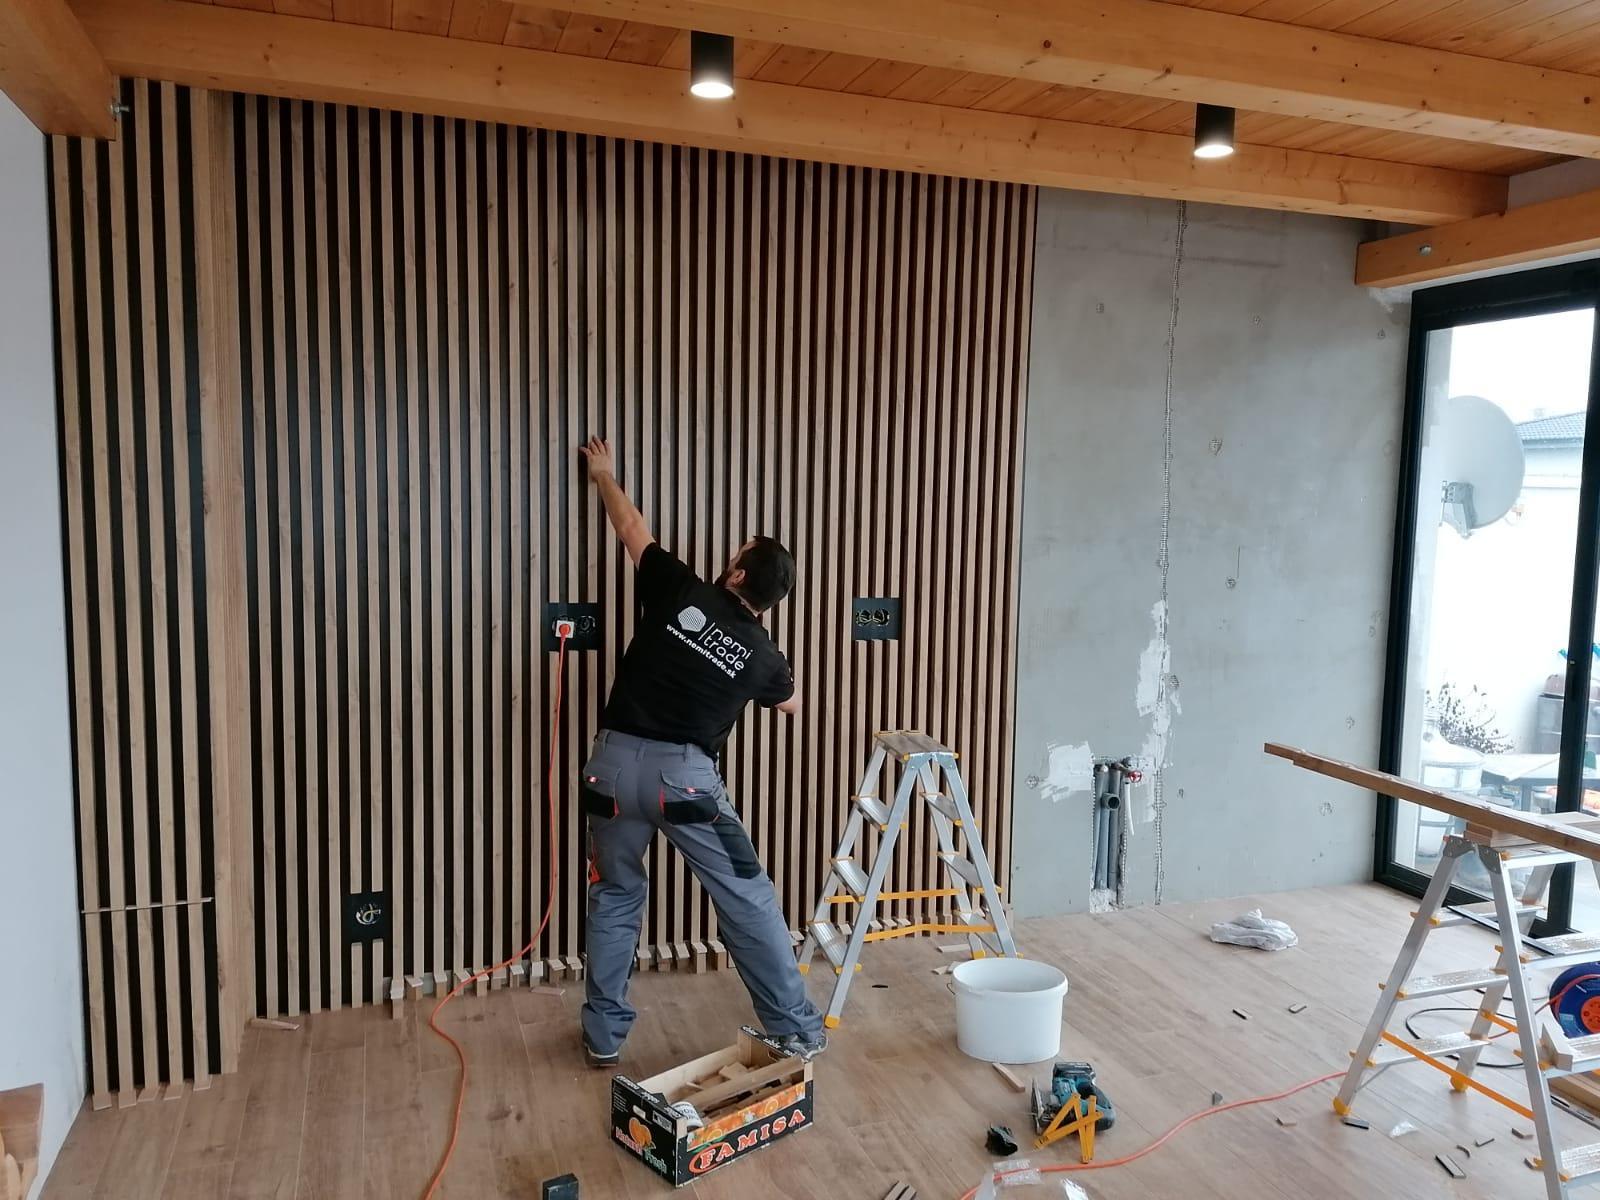 Lamelová stena Senica - lamelová stena, lamelový strop, lamely na stenu, lamelový obklad, stenové lamely, montáž lamely, samostatné lamely, dubové lamely, interiérové stenové lamely 3